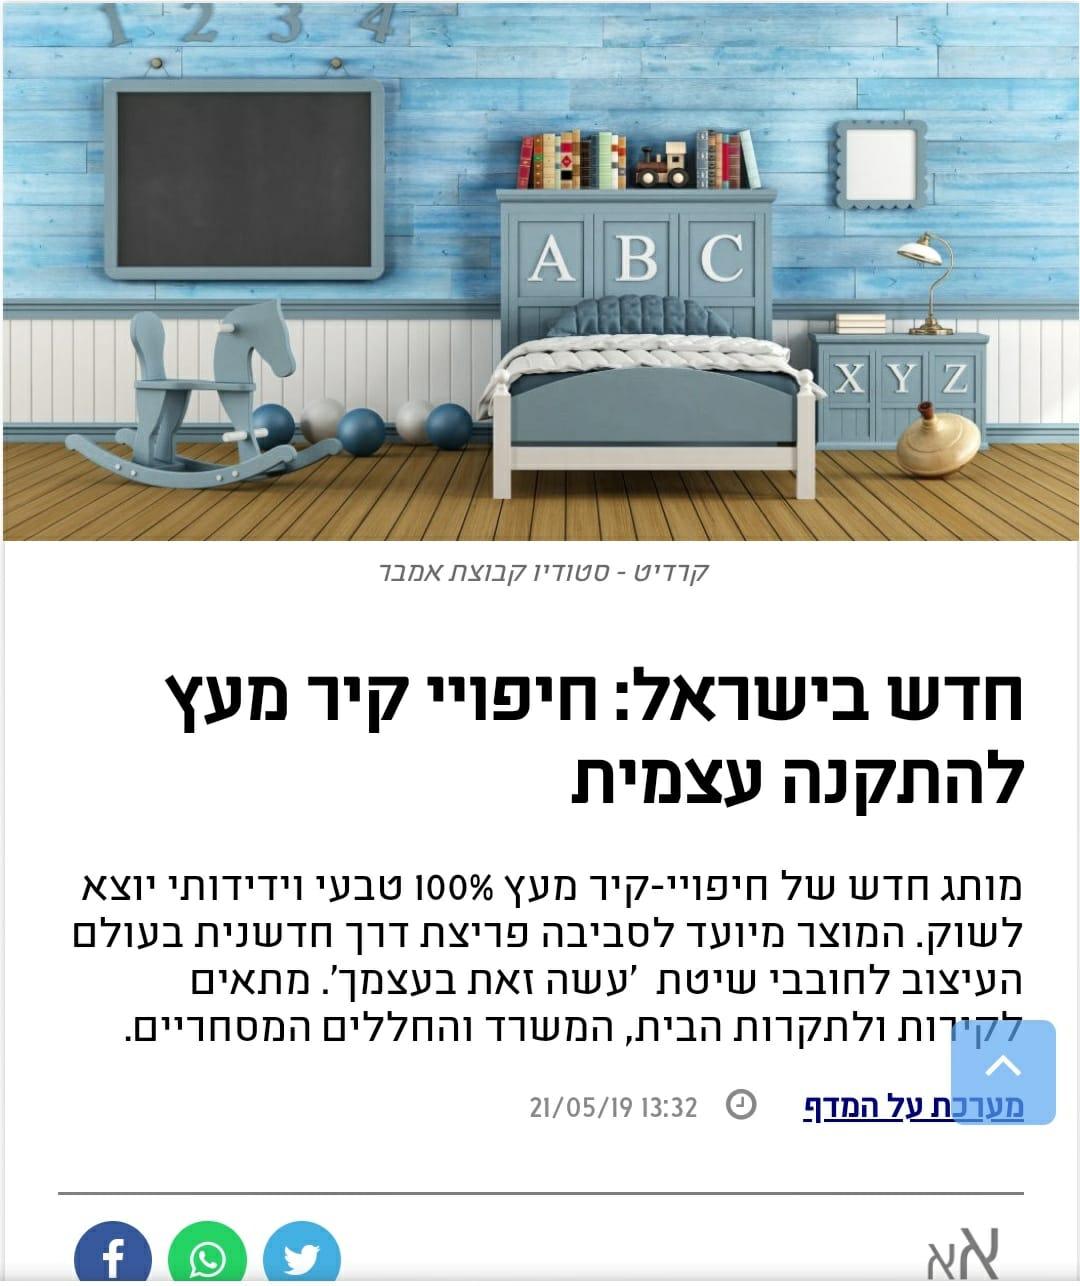 ערוץ 20 -חדש בישראל: חיפויי קיר מעץ להתקנה עצמית